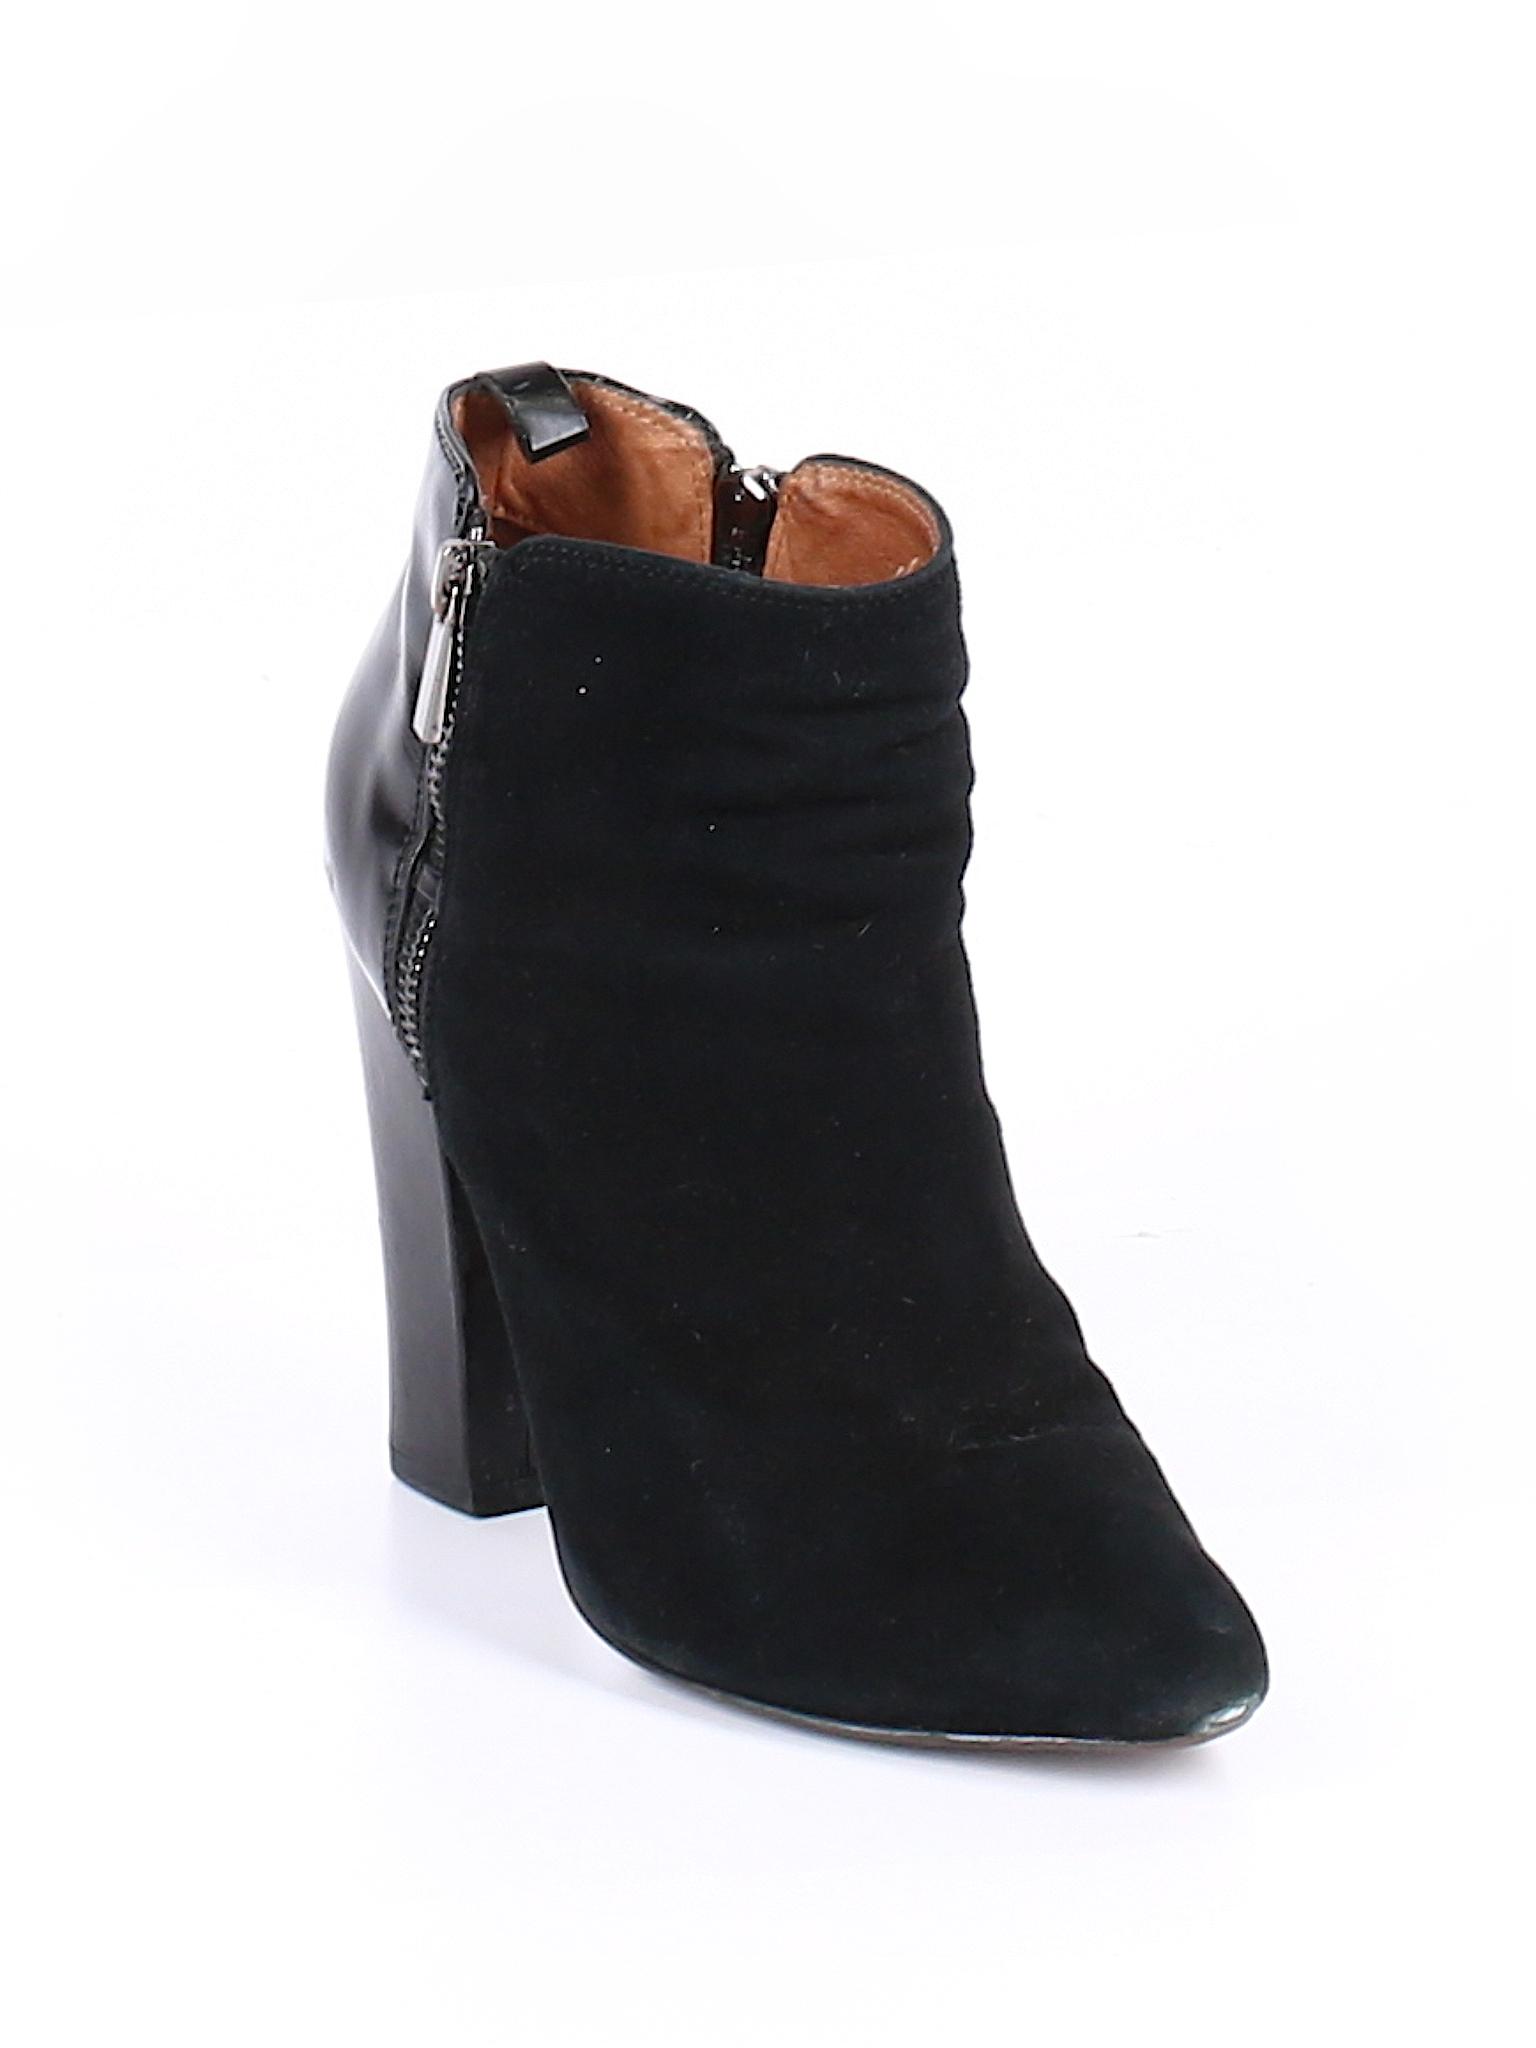 promotion Boutique Ankle promotion Halogen Boots Boutique Halogen BgxqTf